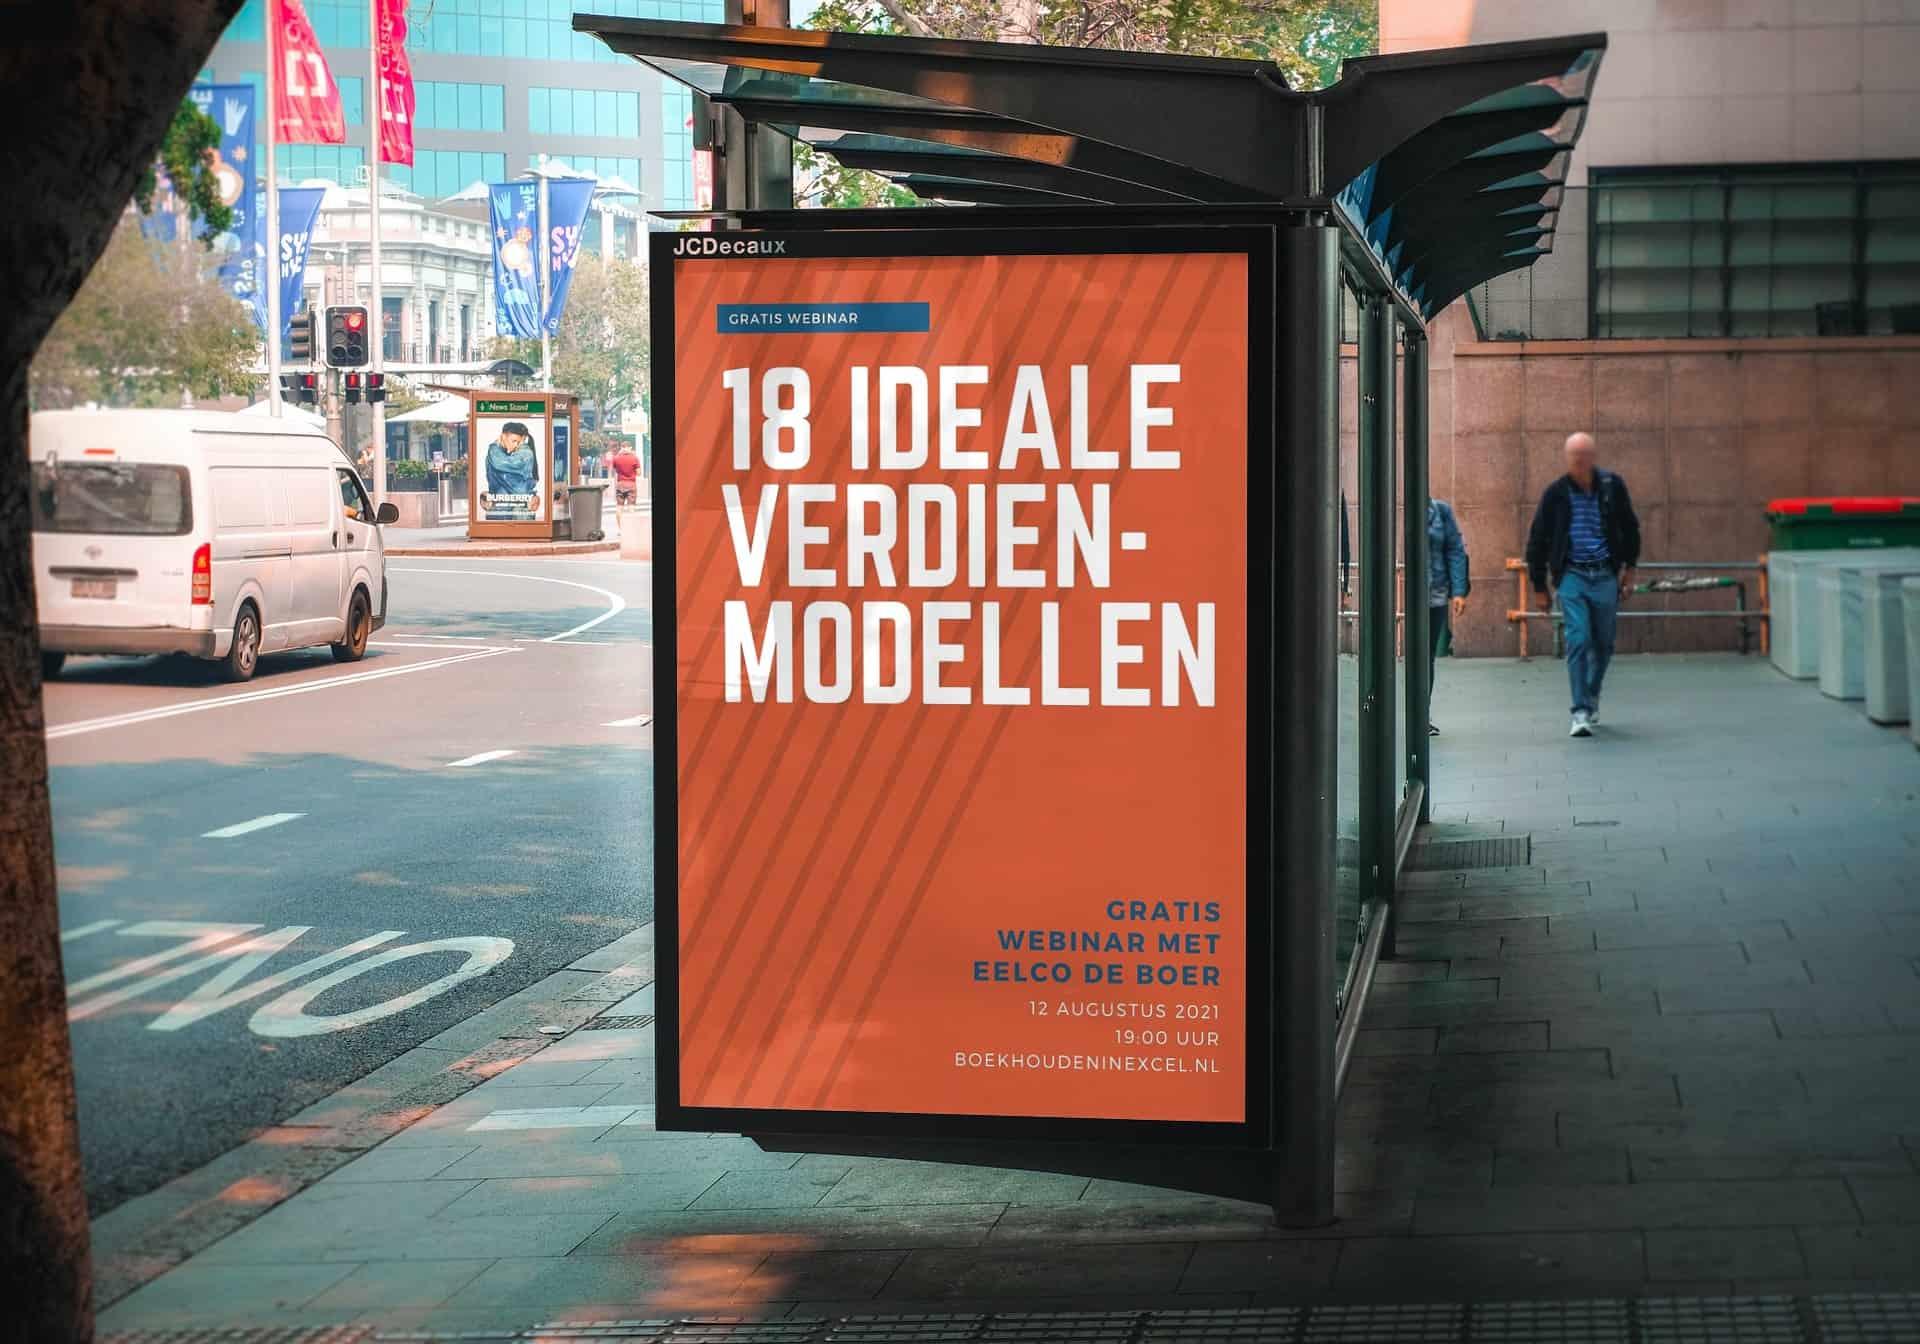 18 ideale verdienmodellen webinar